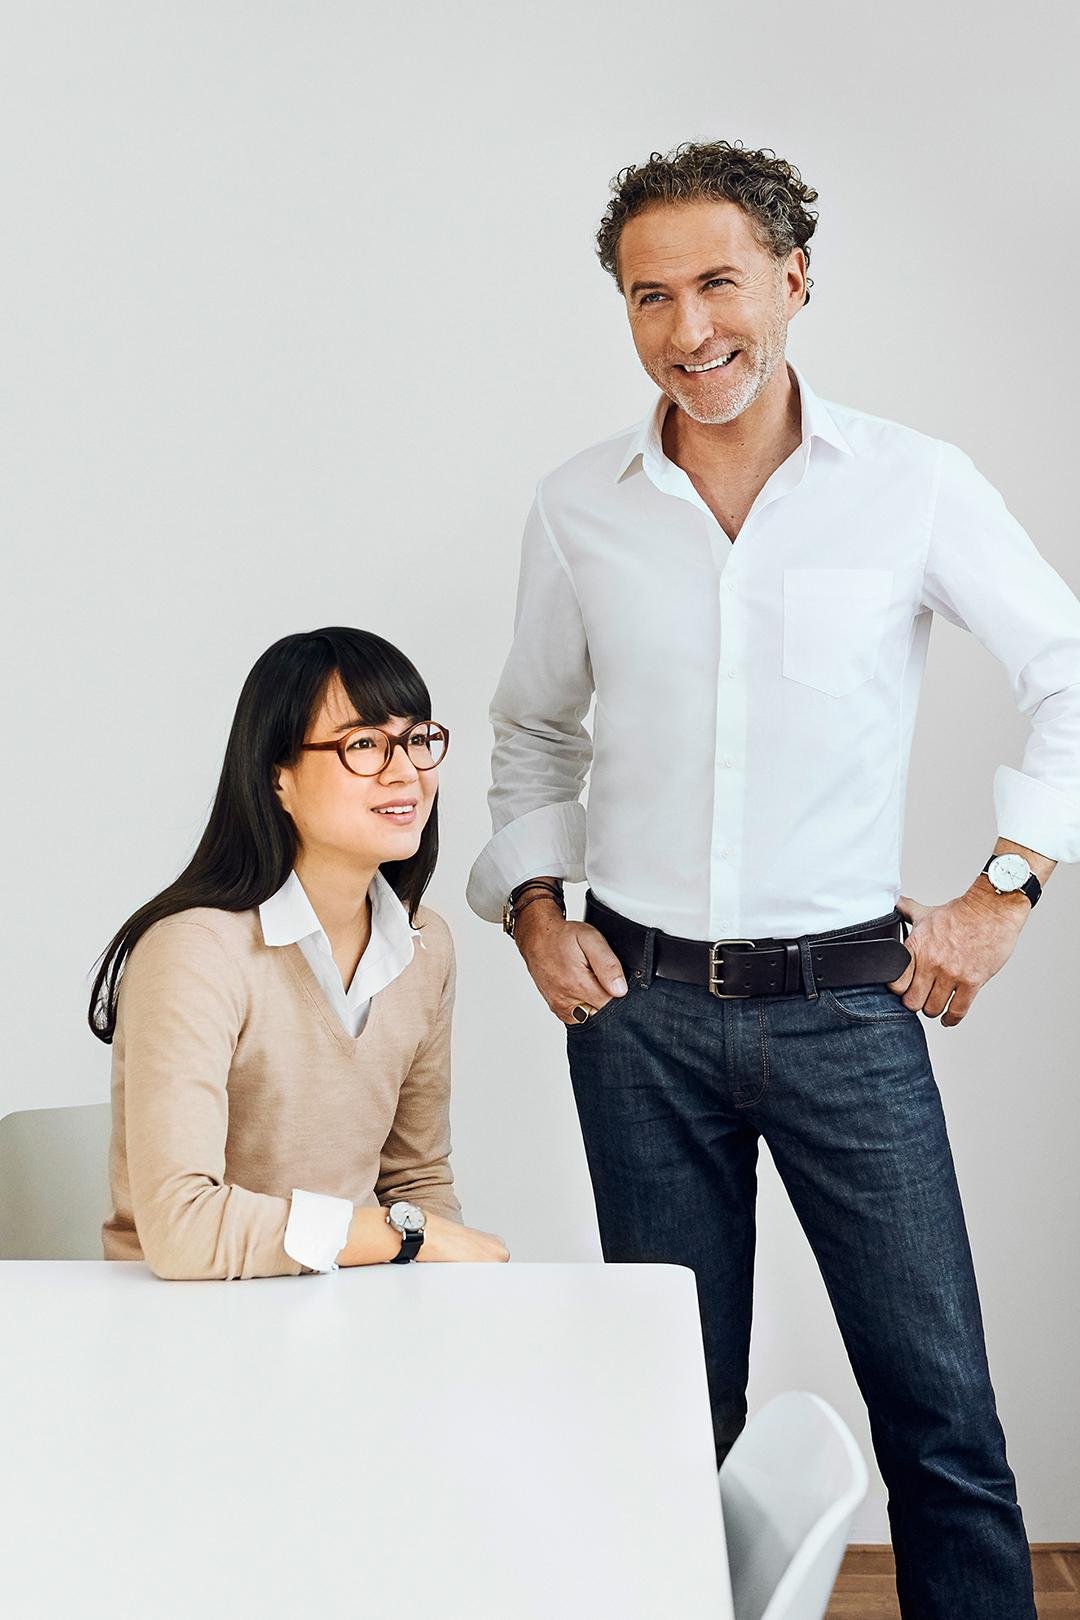 Designergespann aus Werner Aisslinger und Tina Bunyaprasit